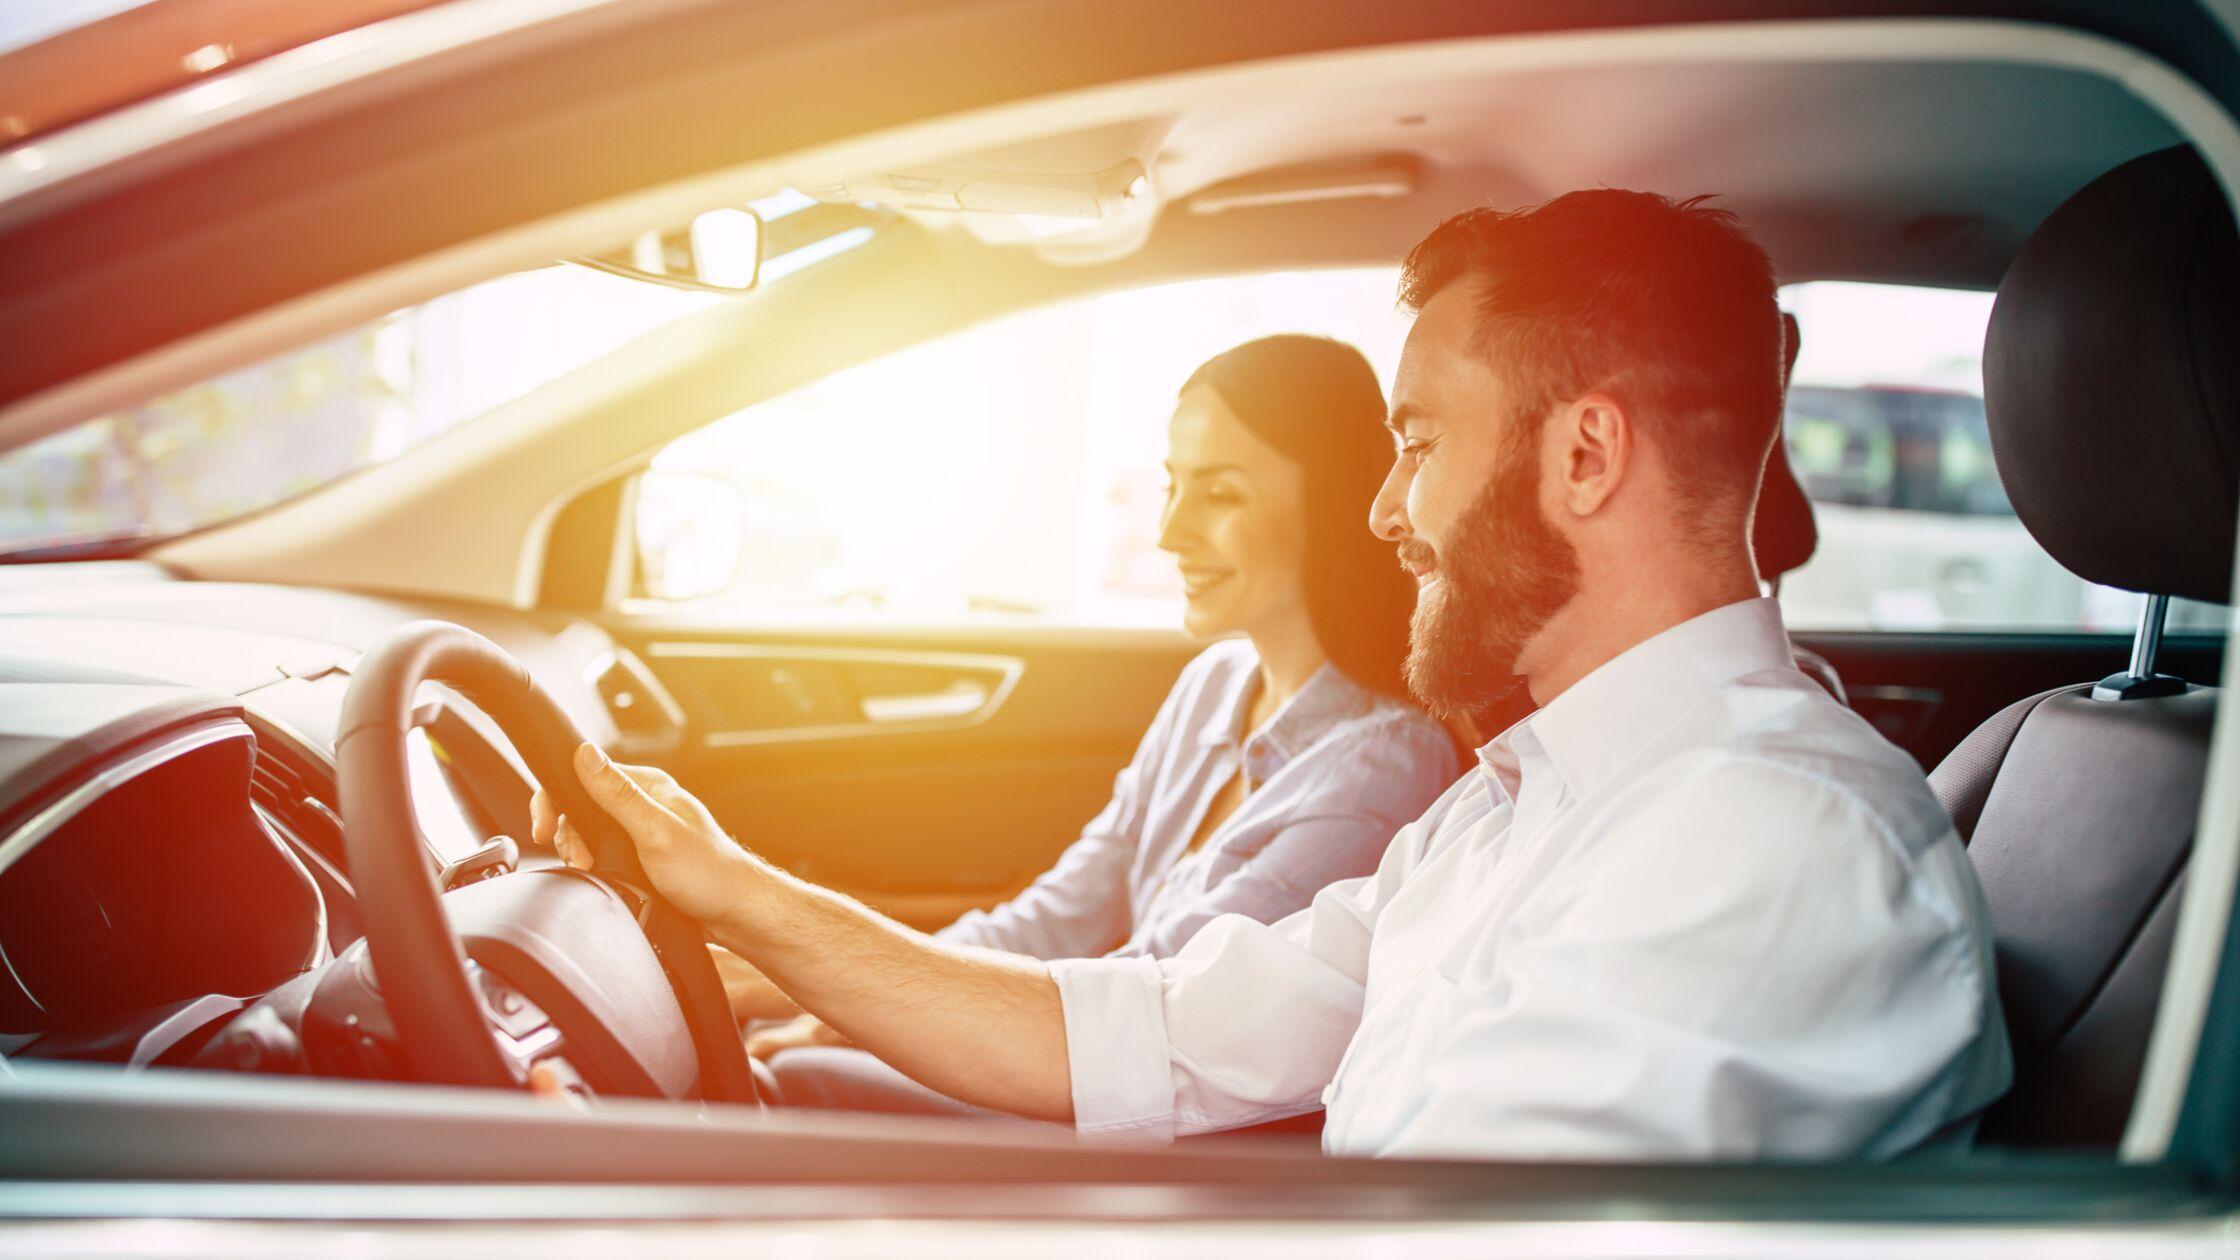 Junger Mann und junge Frau lächelnd im Auto bei einer Probefahrt